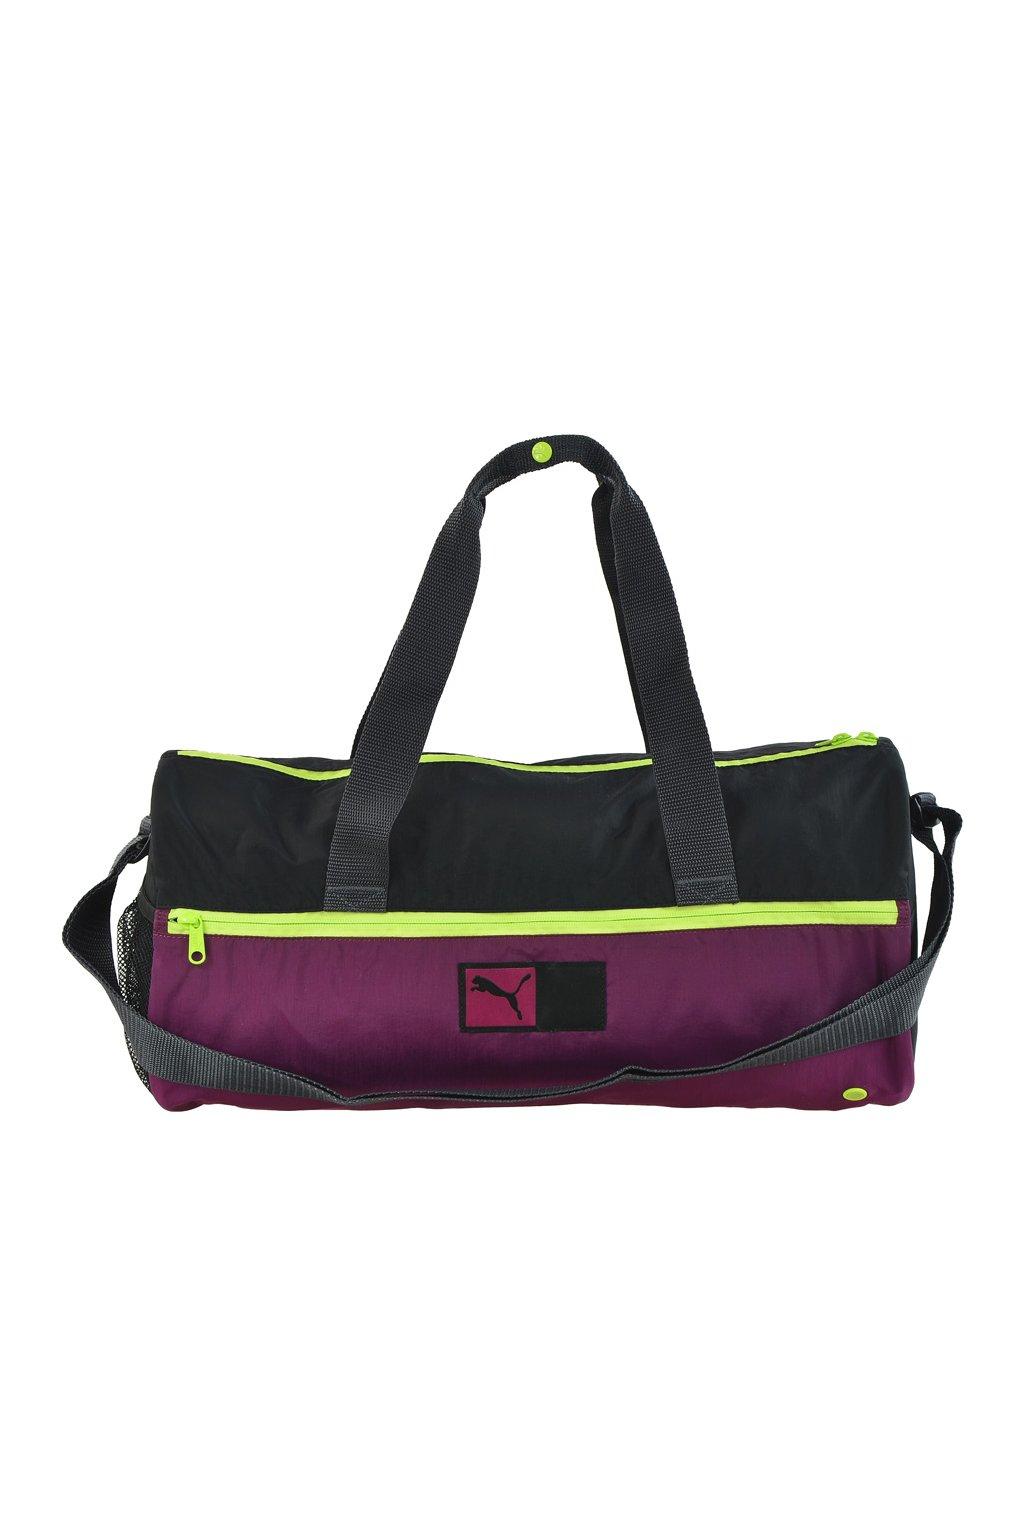 Športová dámska taška Puma Training Barrel  74464 01